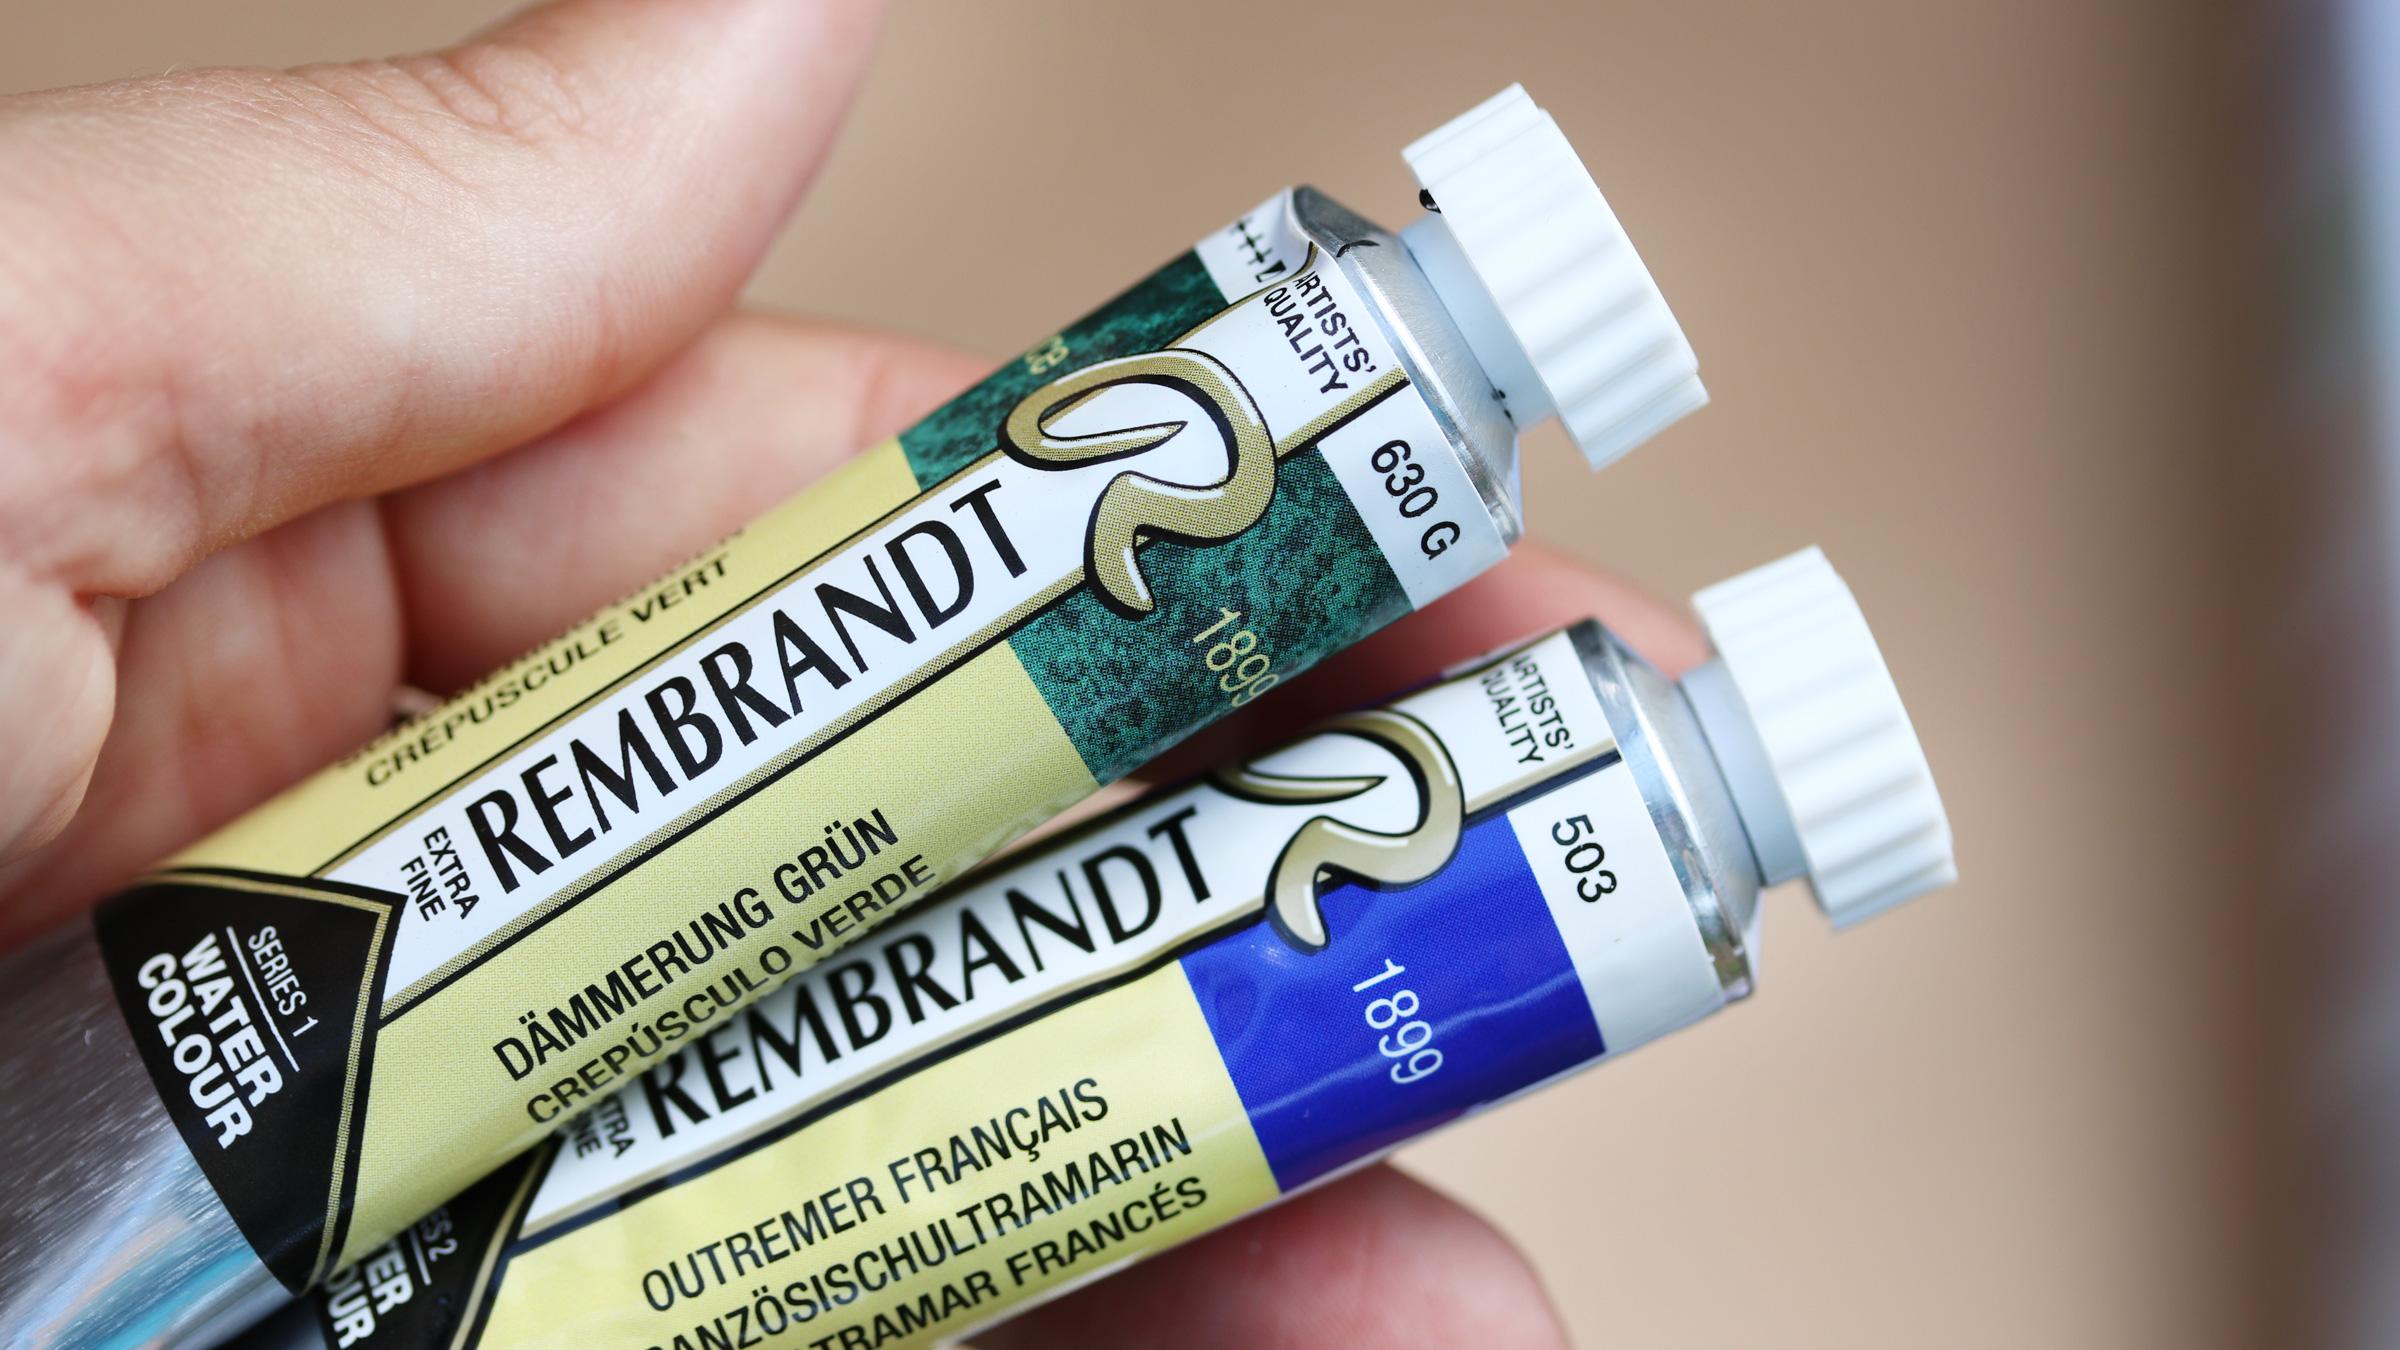 Granulierende Aquarellfarbe – Rembrandt (Royal Talens) Tuben mit und ohne der Kennzeichnung der Granulation.